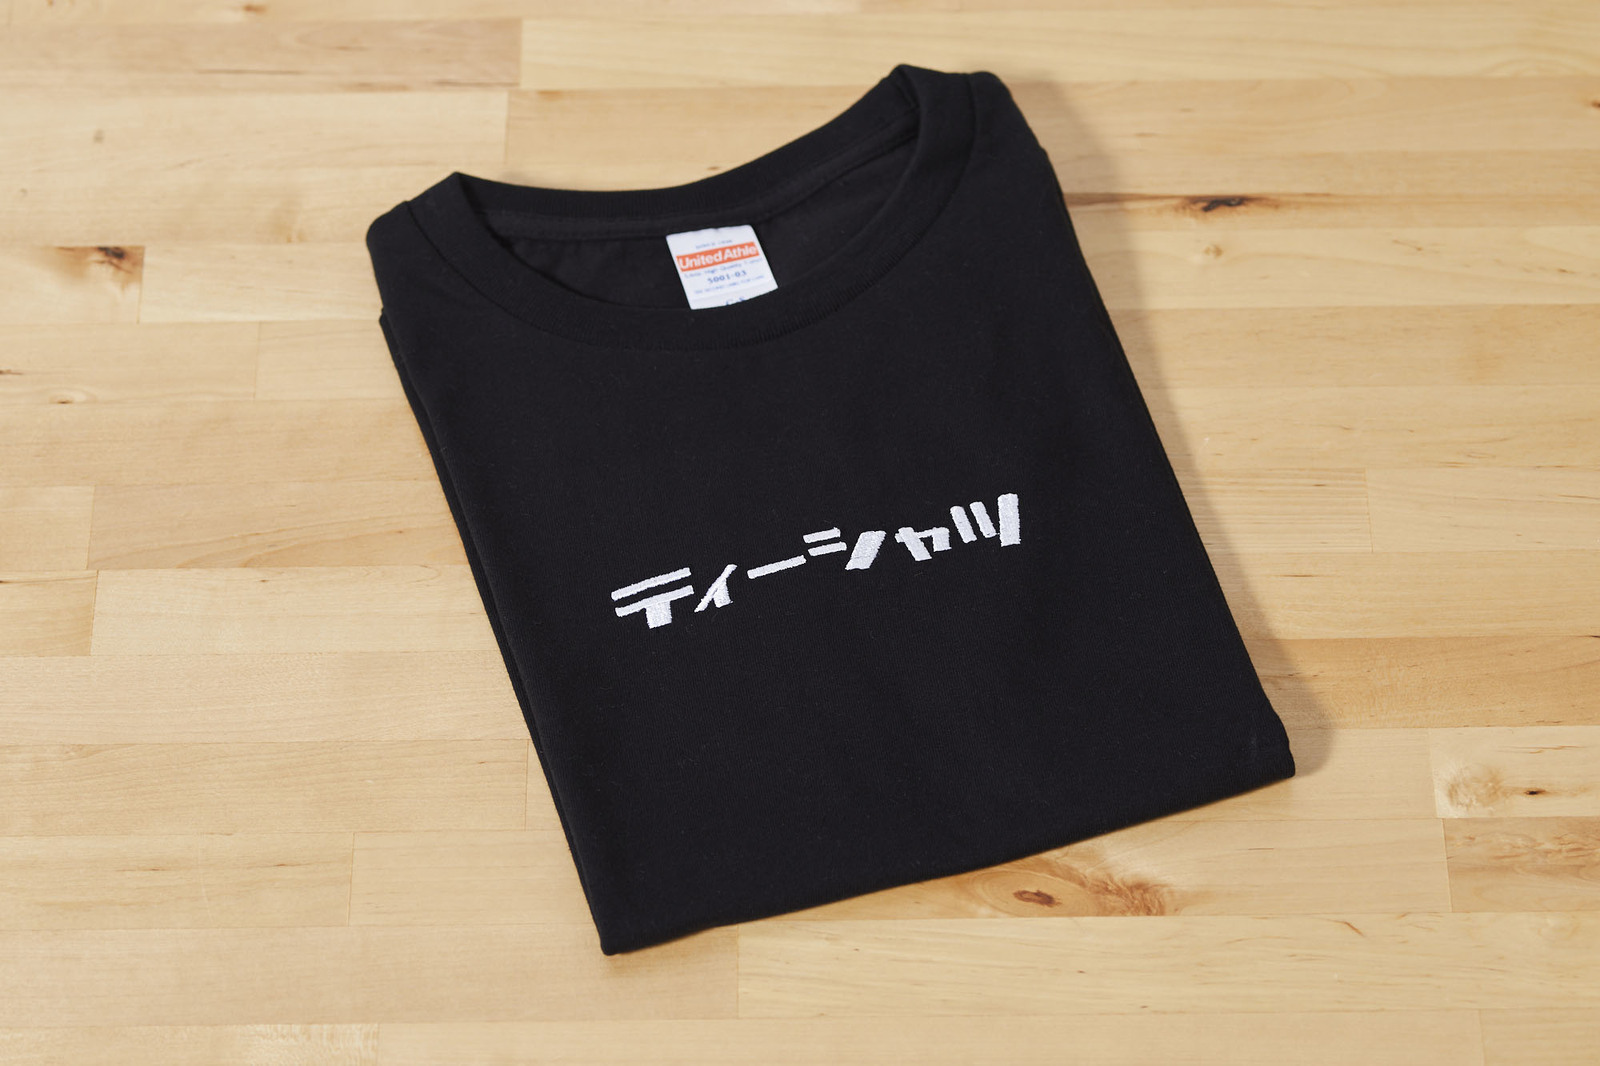 受賞店 家族 限定特価 親子でお揃いもできるティーシャツ刺繍のTシャツ ティーシャツ 刺繍のキッズTシャツ こども キッズ 子供